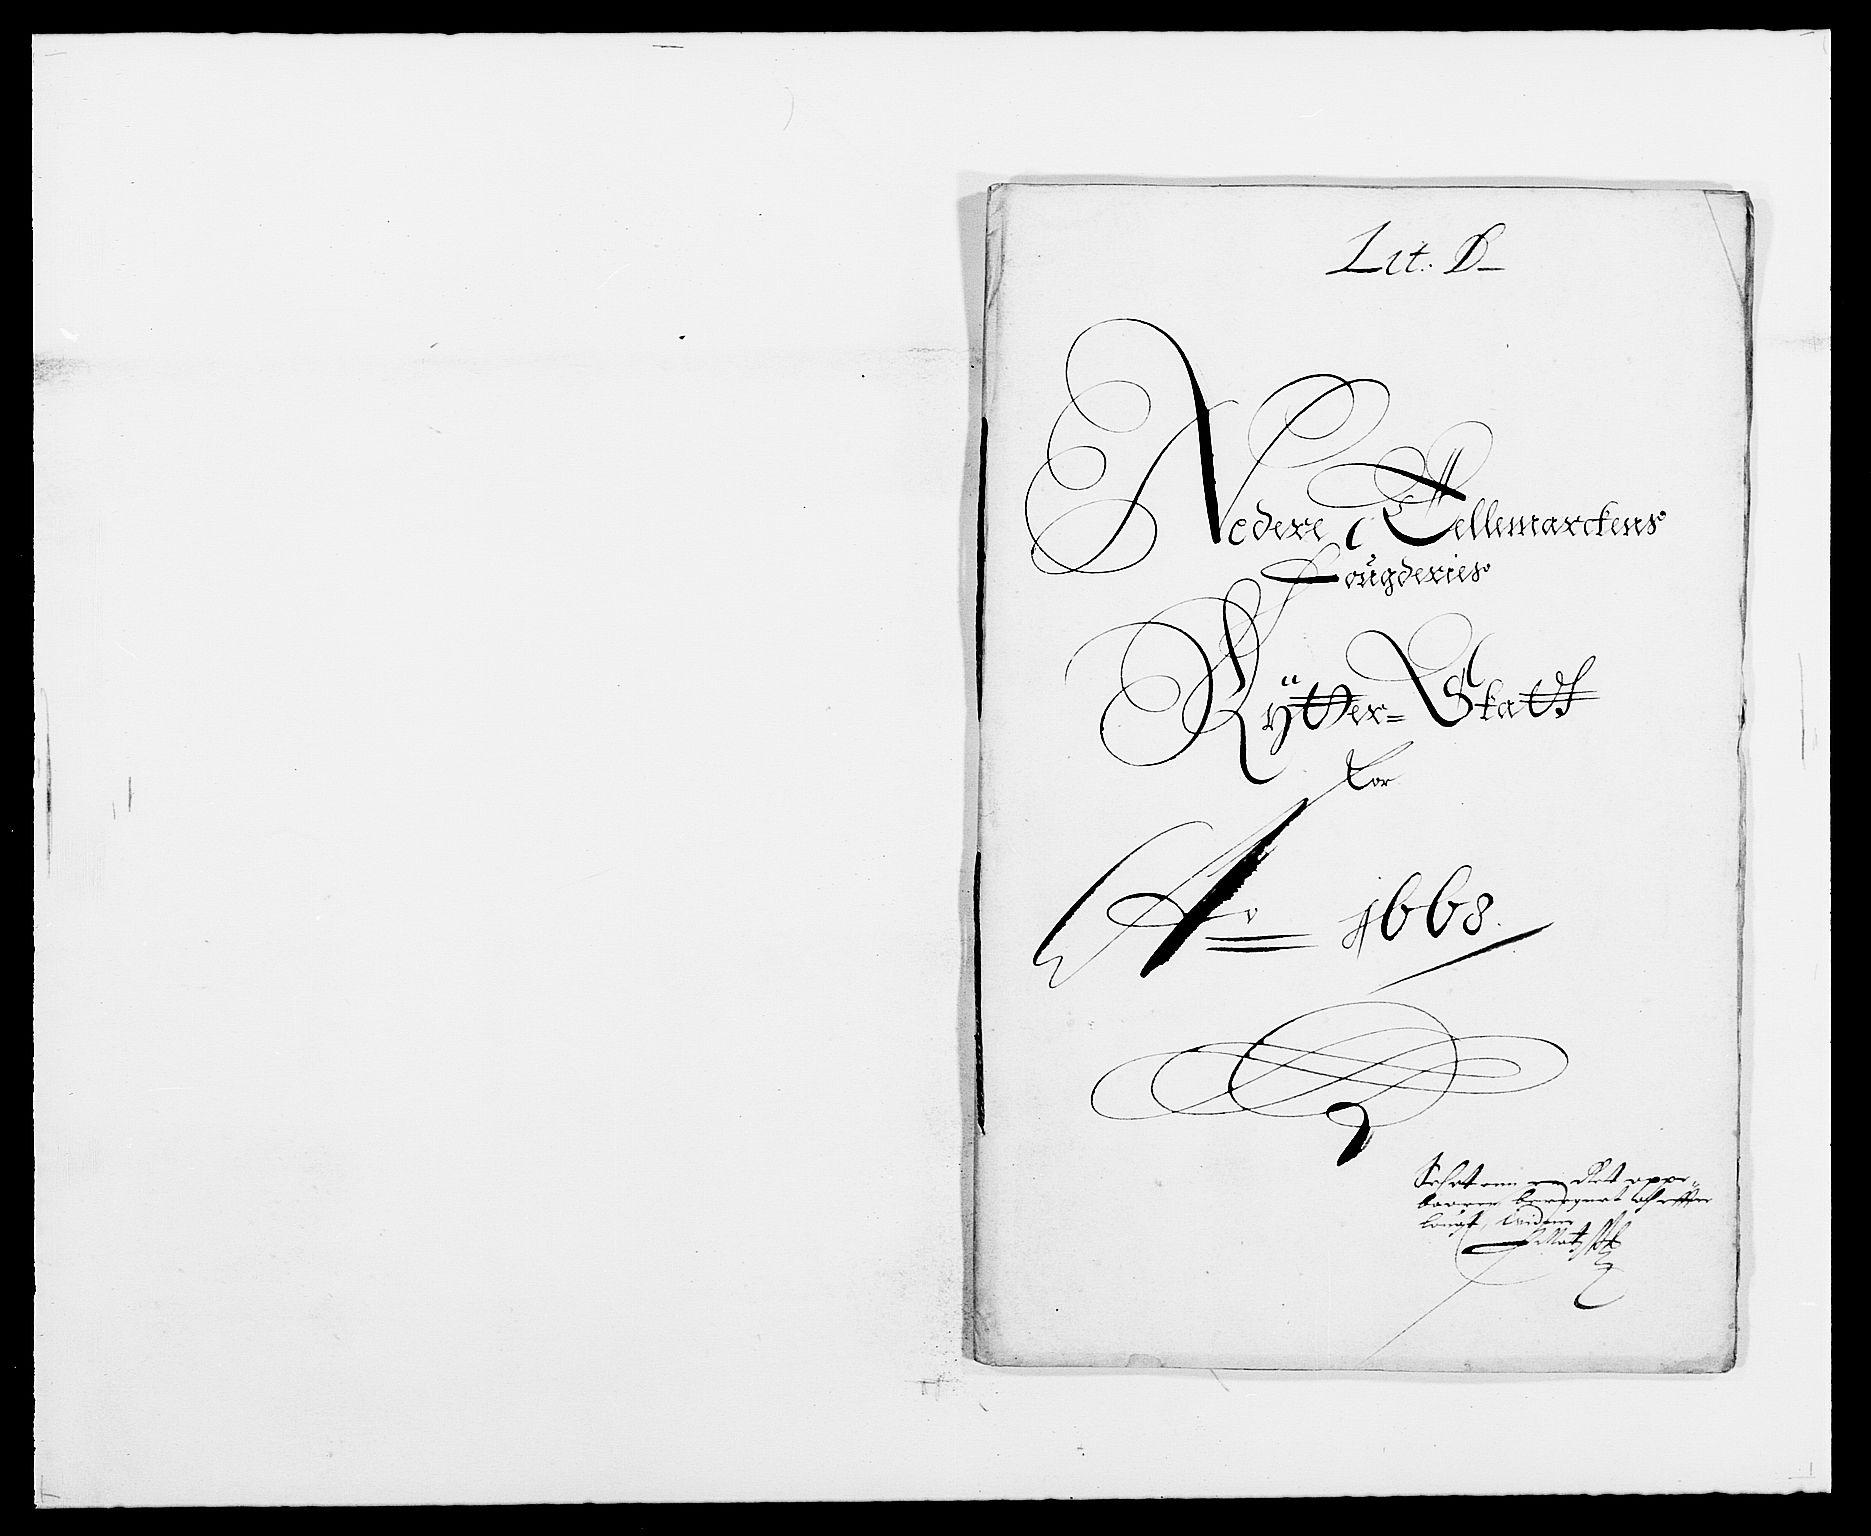 RA, Rentekammeret inntil 1814, Reviderte regnskaper, Fogderegnskap, R35/L2058: Fogderegnskap Øvre og Nedre Telemark, 1668-1670, s. 65